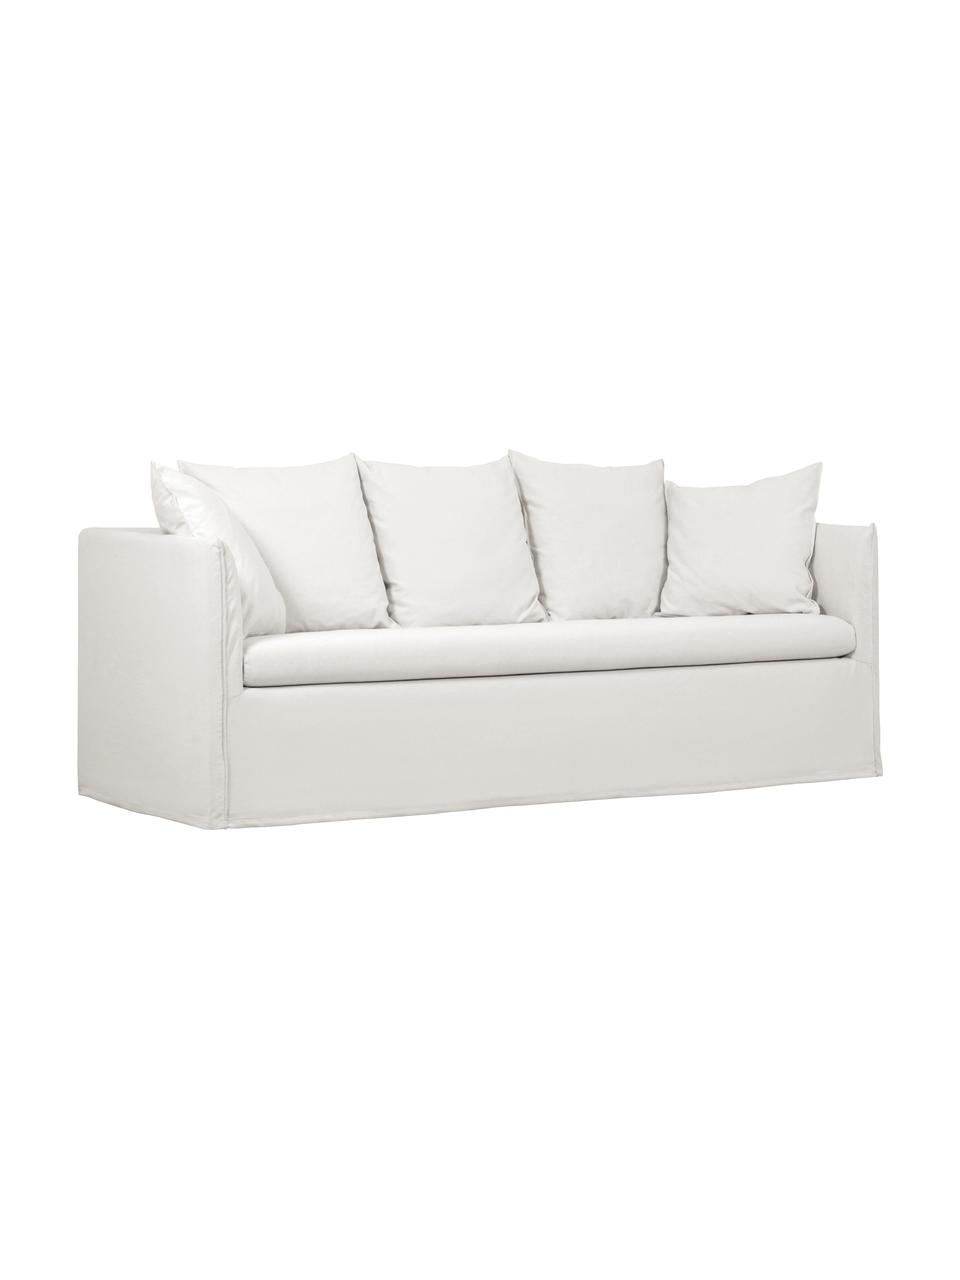 Hussen-Sofa Mila (3-Sitzer) in Cremeweiß, Bezug: Baumwolle 26.000 Scheuert, Gestell: Massives Fichtenholz, Füße: Kunststoff, Cremeweiß, B 195 x T 82 cm